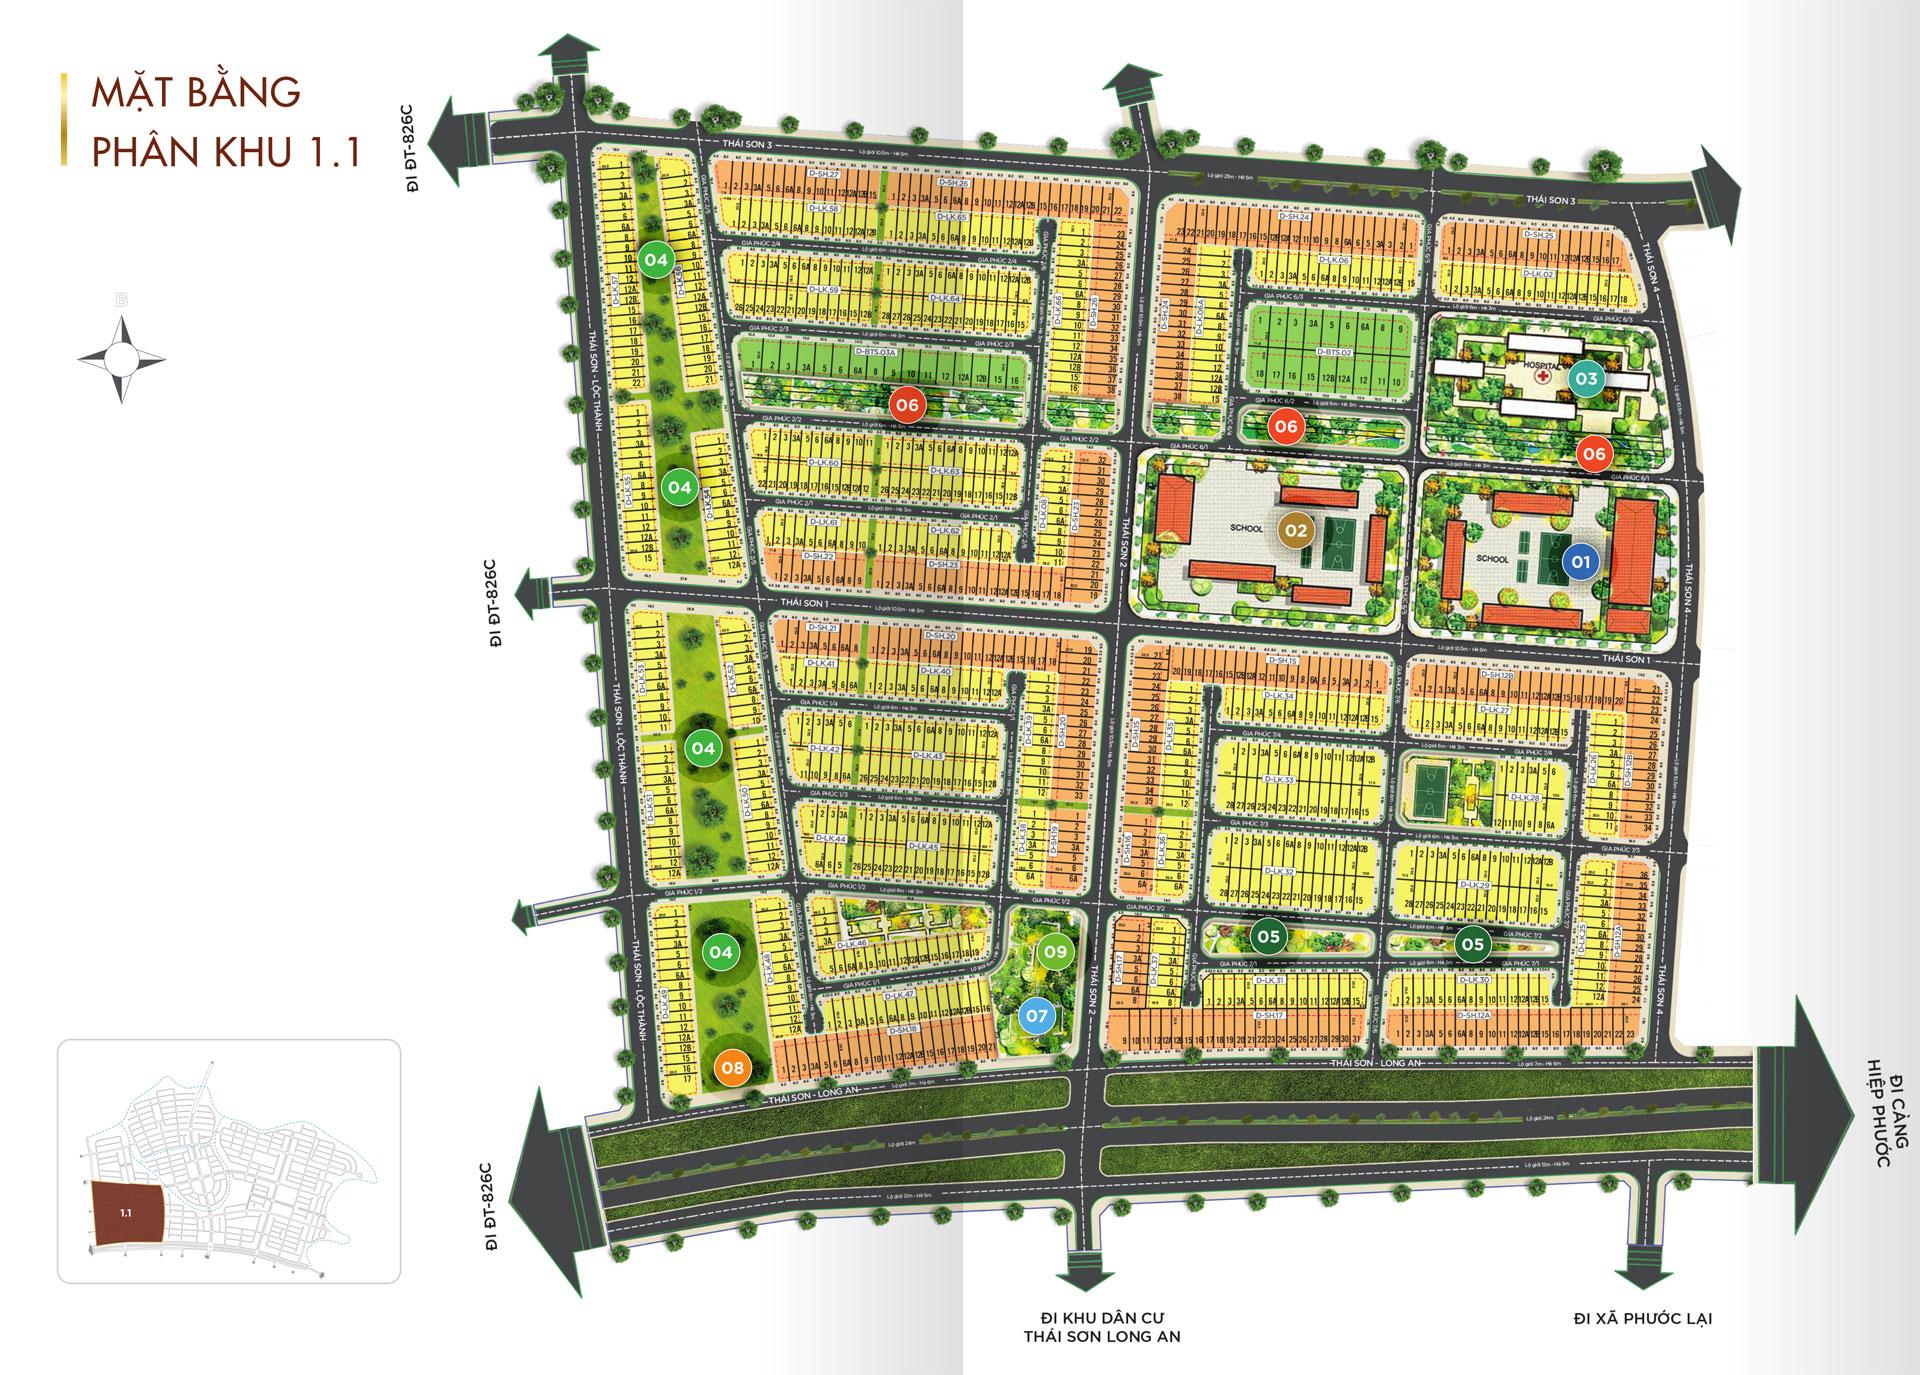 Mat bang Phan lo Du an TT Millennia City 1 - T&T MILLENNIA CITY